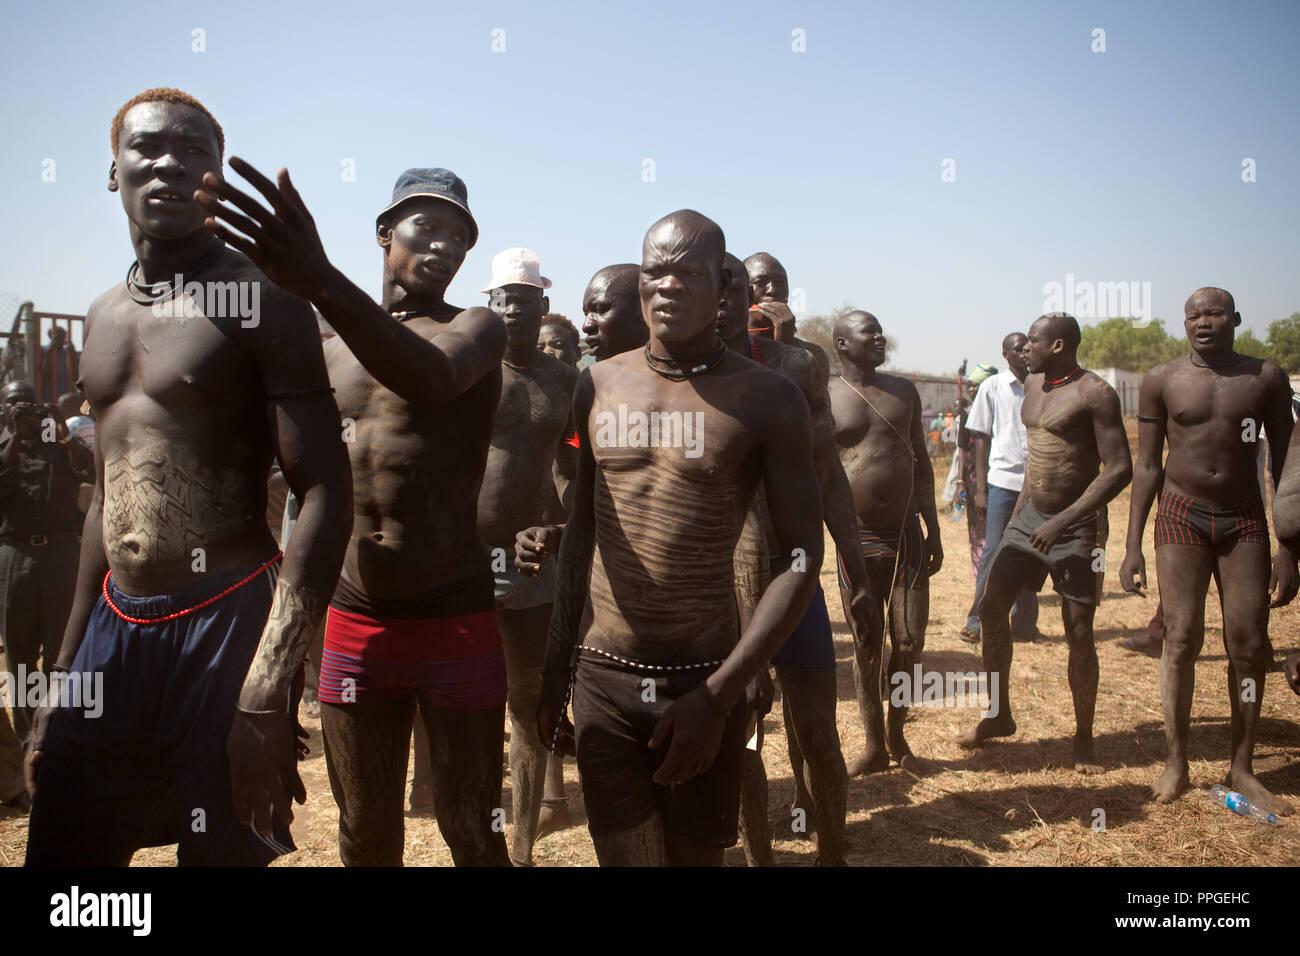 18 décembre 2010 - Juba, Soudan du Sud - Les membres de la tribu de l'Équatoria central Mundari État avant la finale du Soudan du Sud le premier wrestling league entre sa tribu et les lutteurs de Bor Dinka, l'état du Jonglei au stade de Juba. Les matches ont attiré un grand nombre de spectateurs qui ont chanté, dansé et joué de la batterie à l'appui de leurs lutteurs préférés. Le match organisateurs espéraient que les sports traditionnels seraient réunis du Soudan du Sud d'un grand nombre de tribus différentes. Crédit photo: Benedicte Desrus Photo Stock